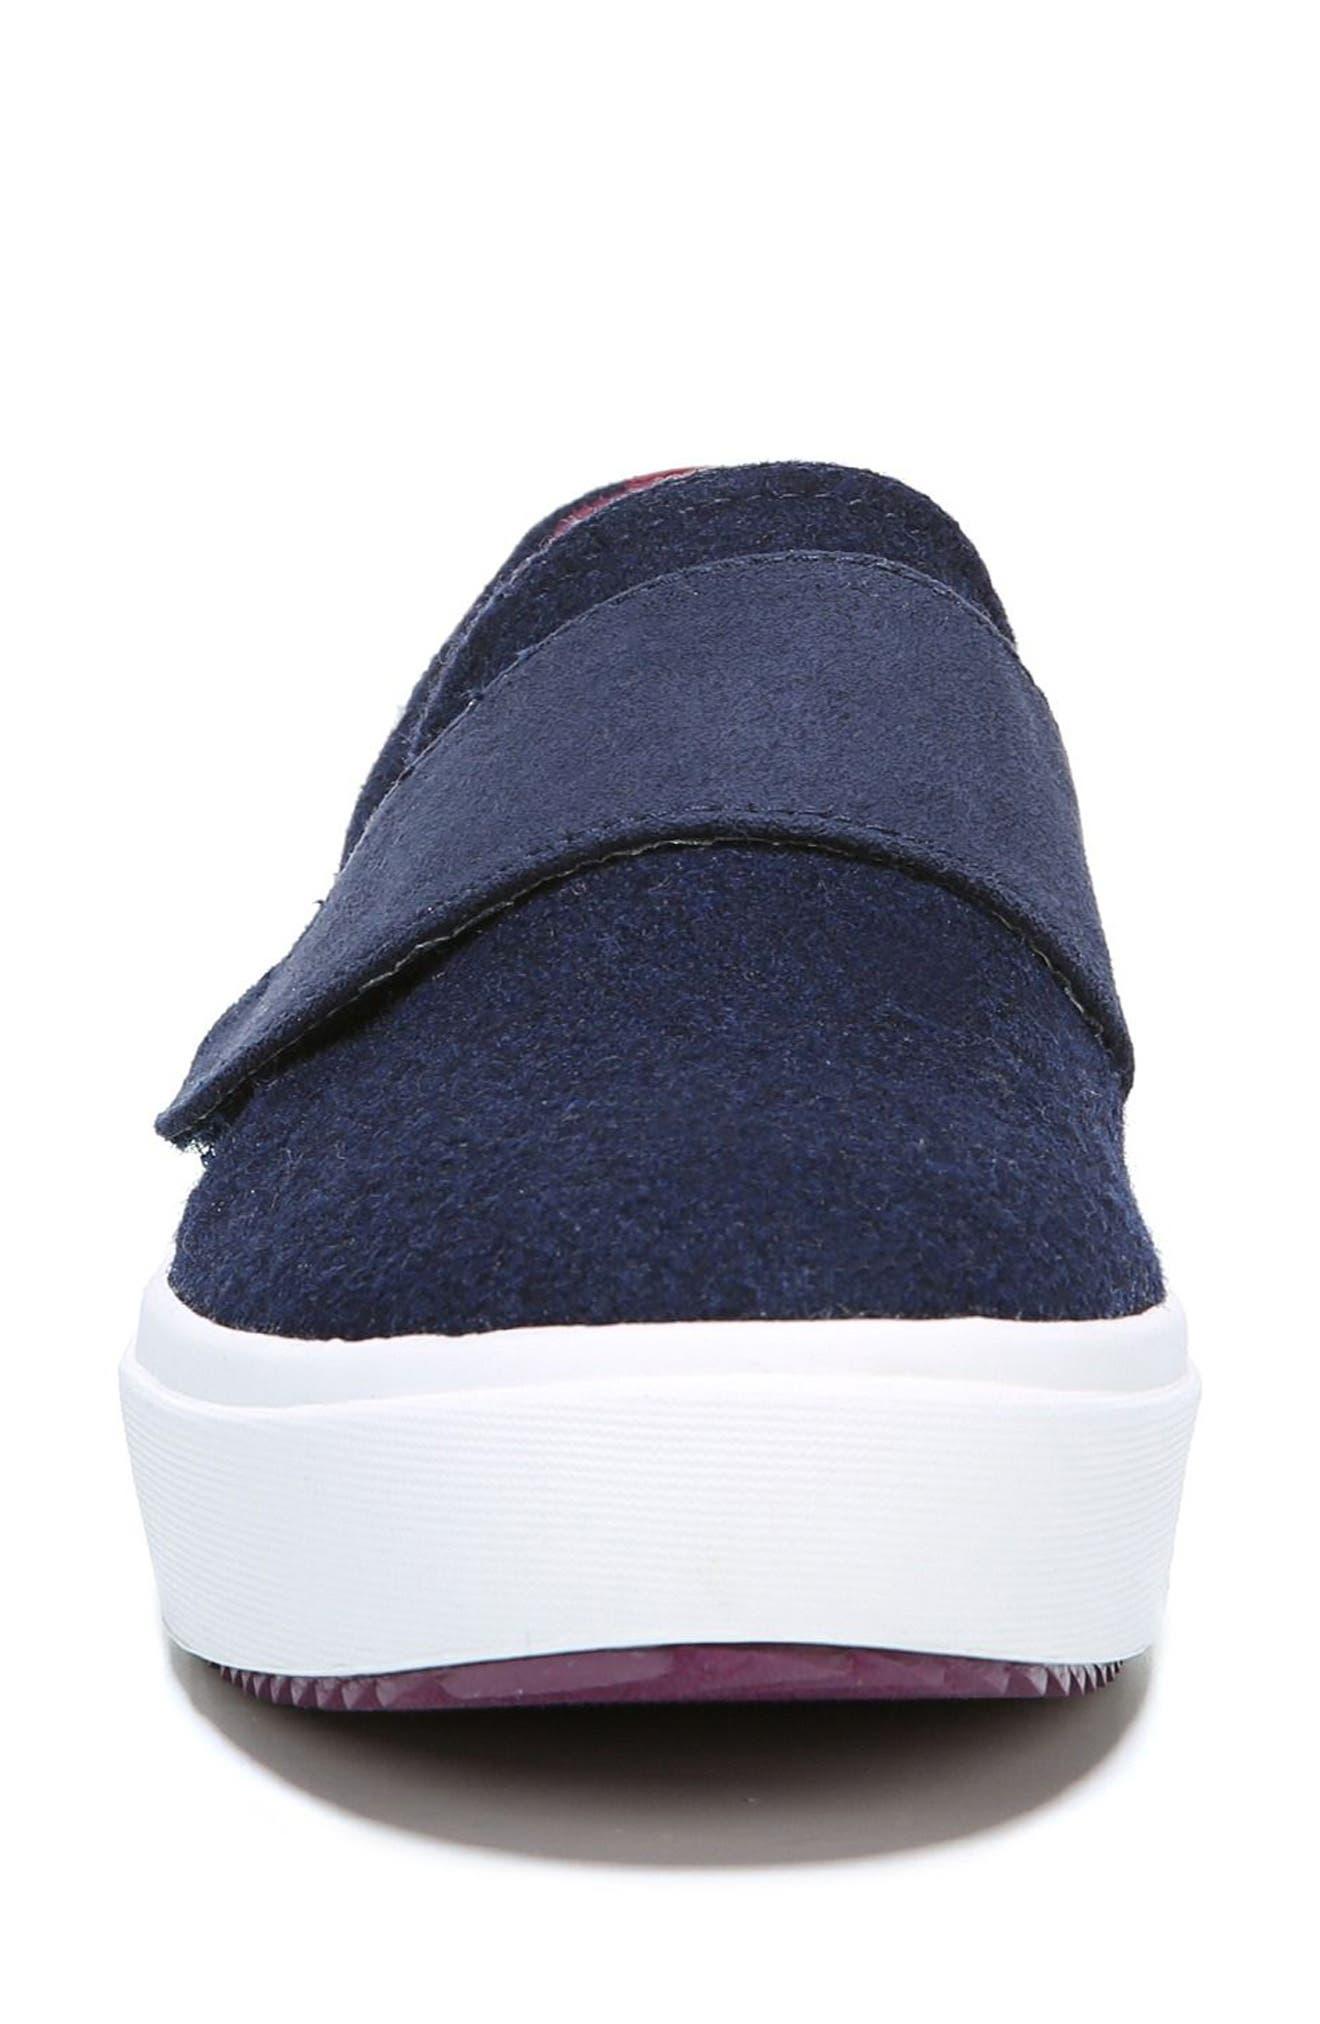 Wander Band Slip-On Sneaker,                             Alternate thumbnail 6, color,